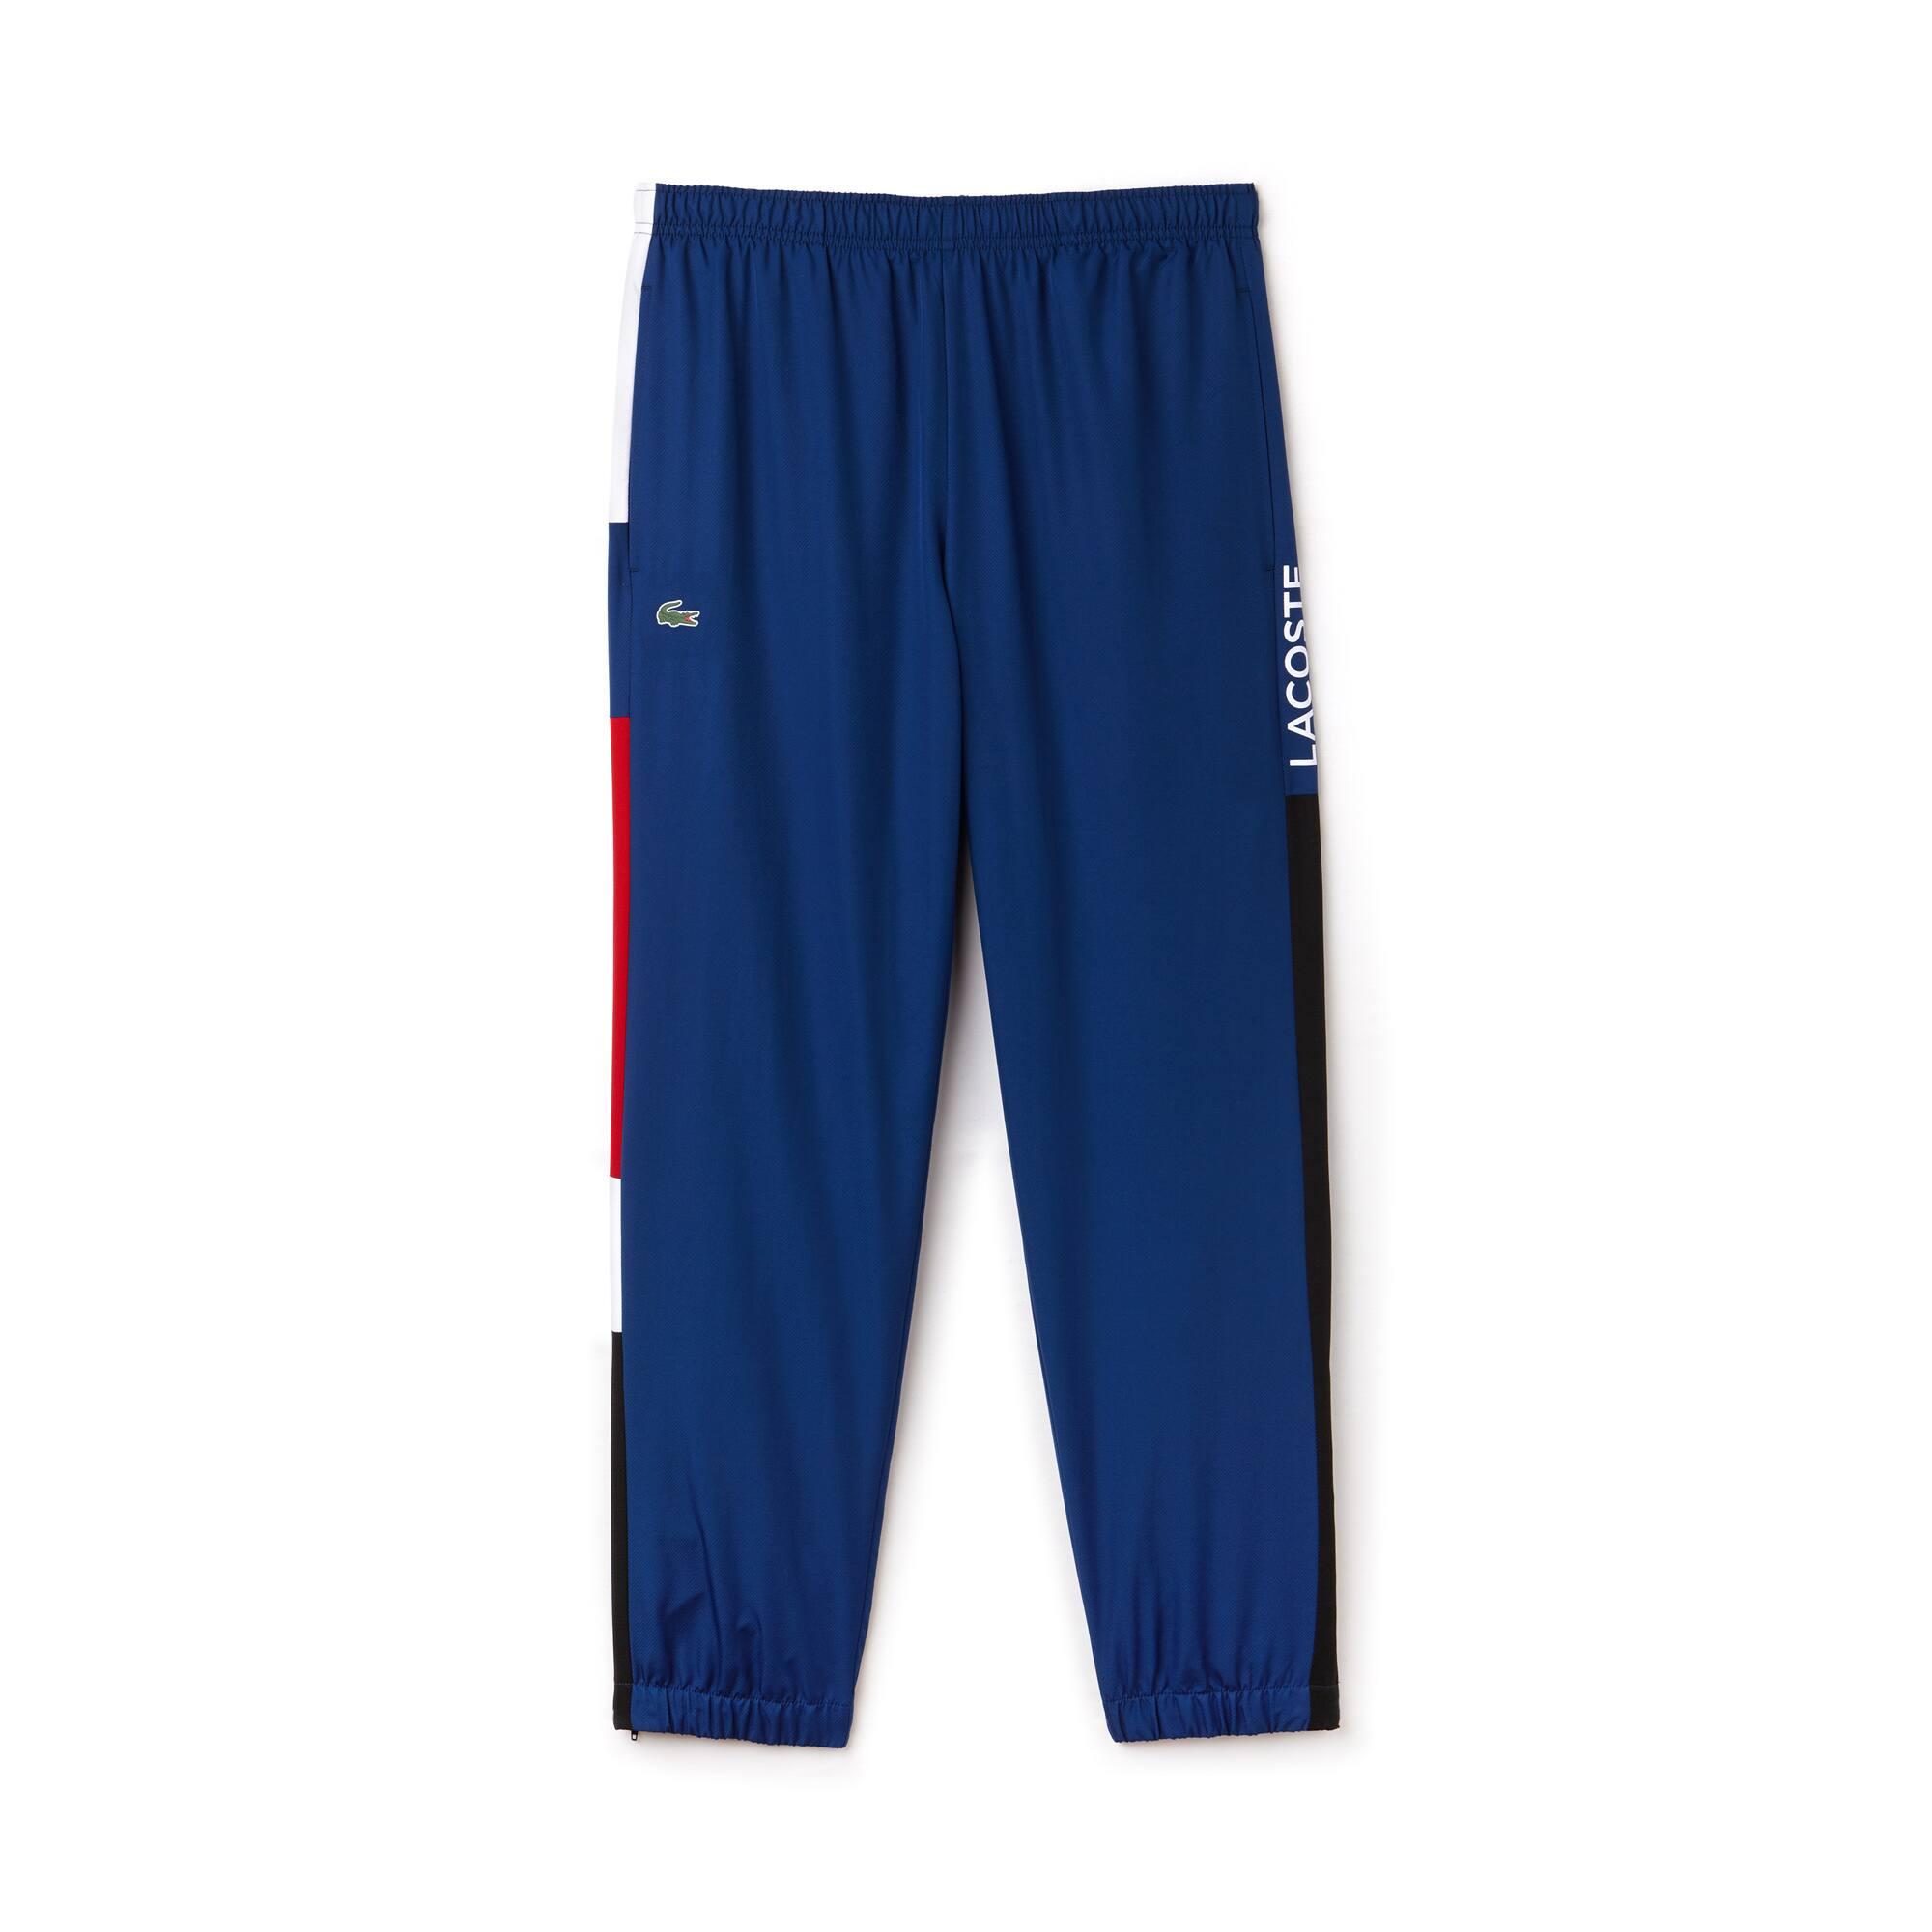 Pantaloni tuta Tennis Lacoste SPORT con fascia color block